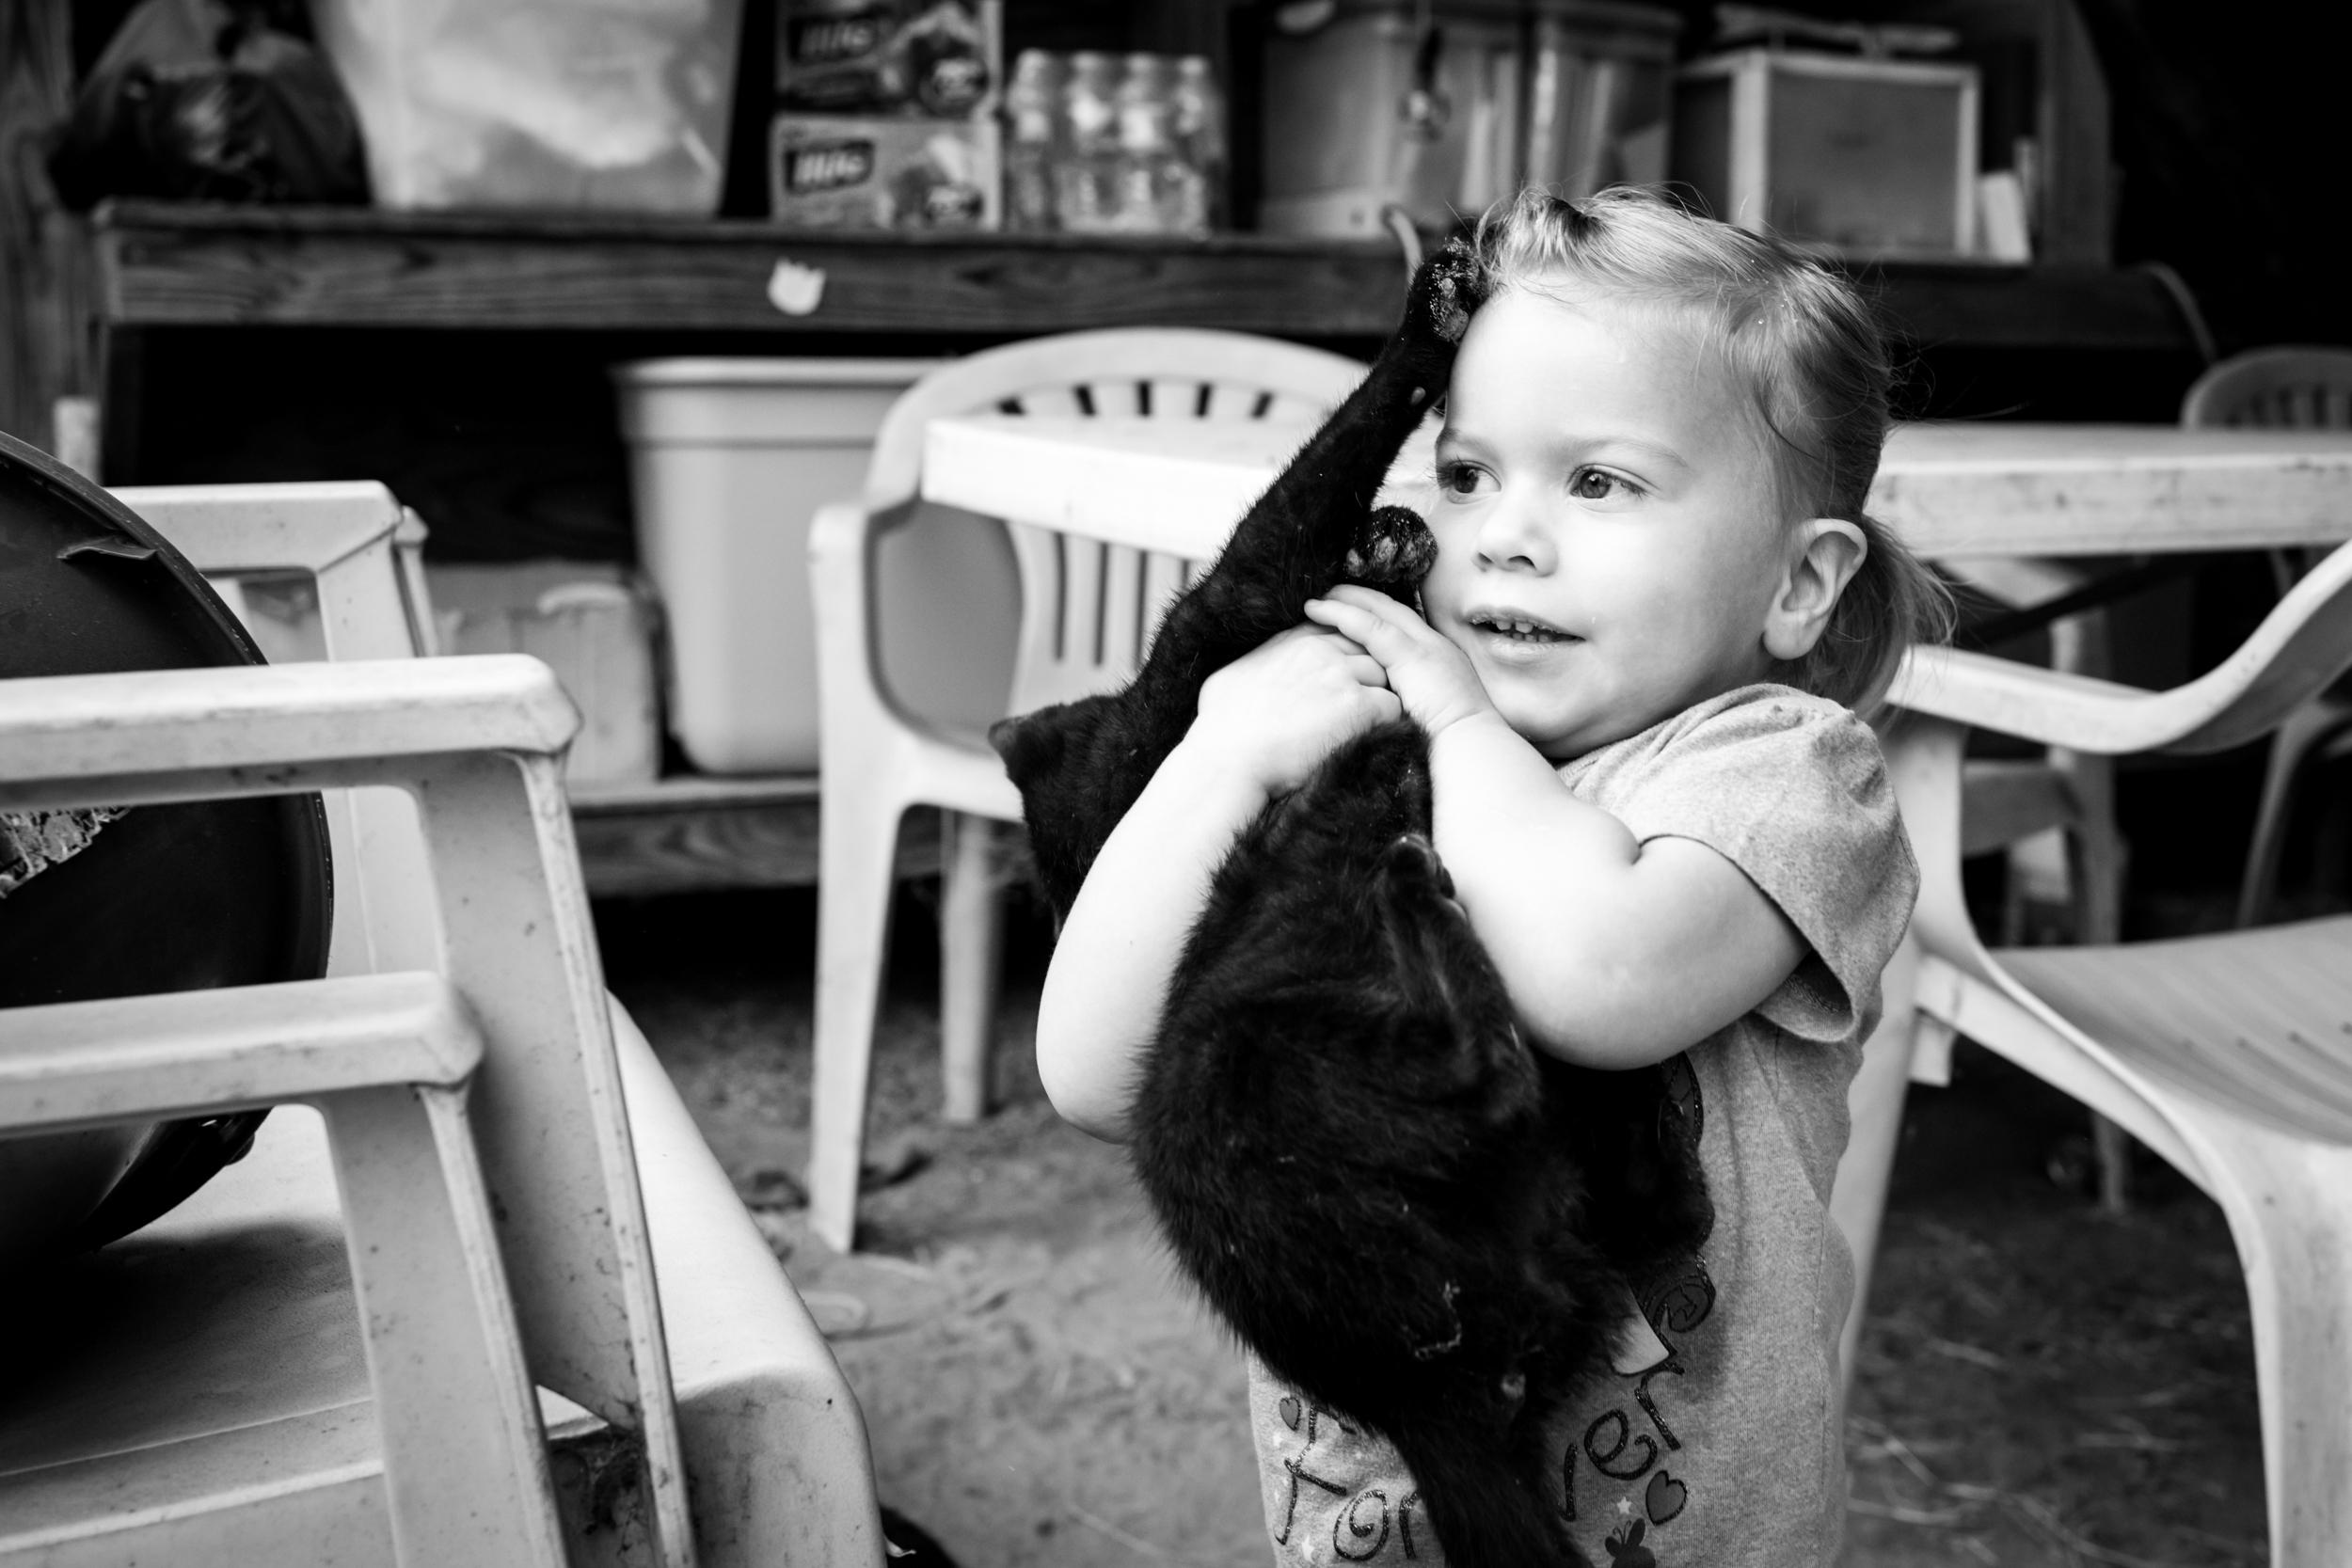 jacksonville-family-photographer-documentary-3.jpg